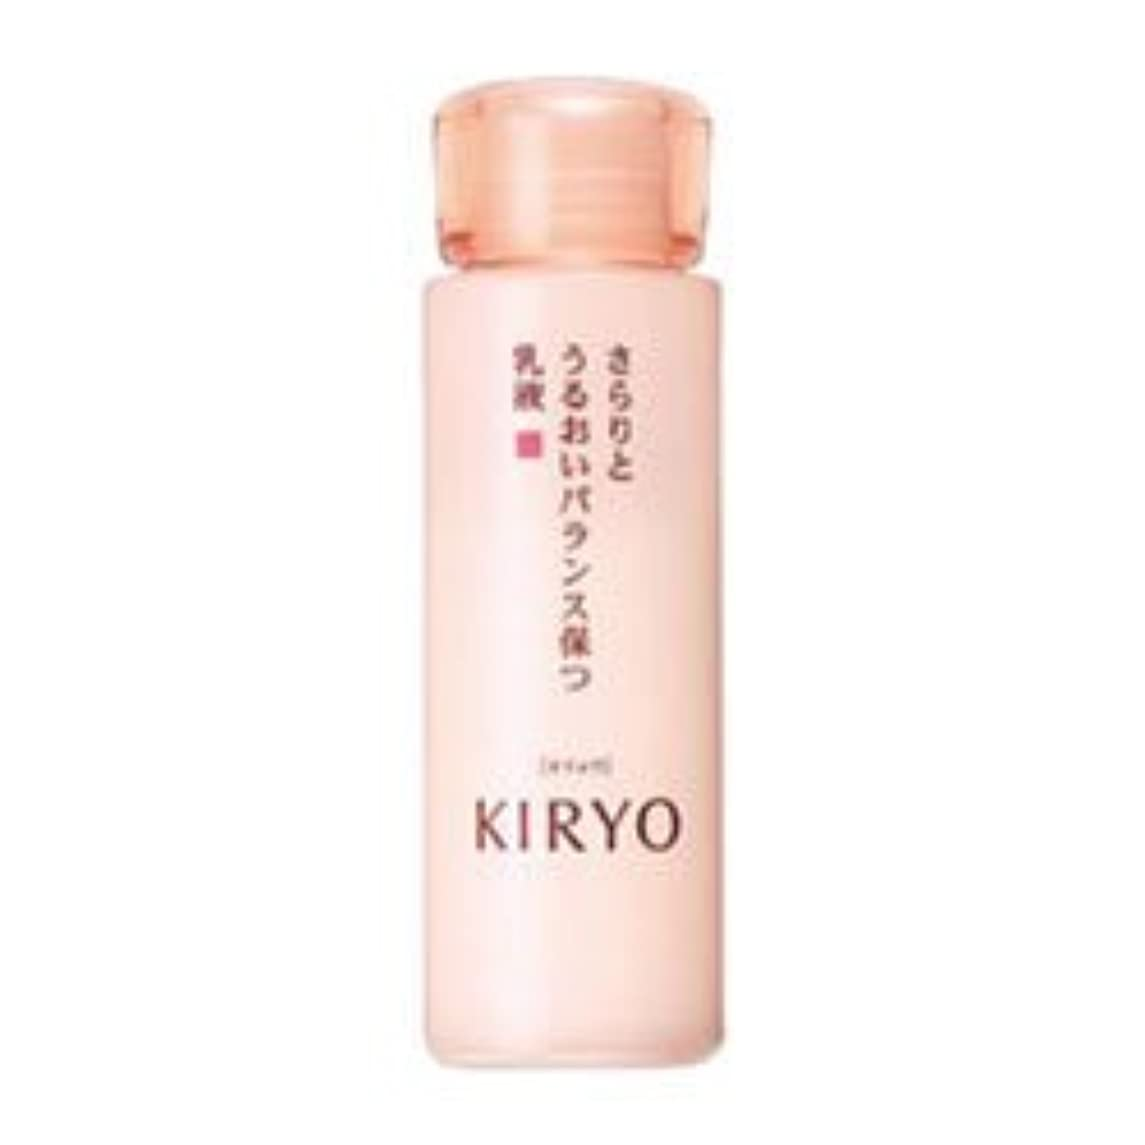 シンプルな少なくとも留め金【資生堂】キリョウ エマルジョンI(乳液) 100ml